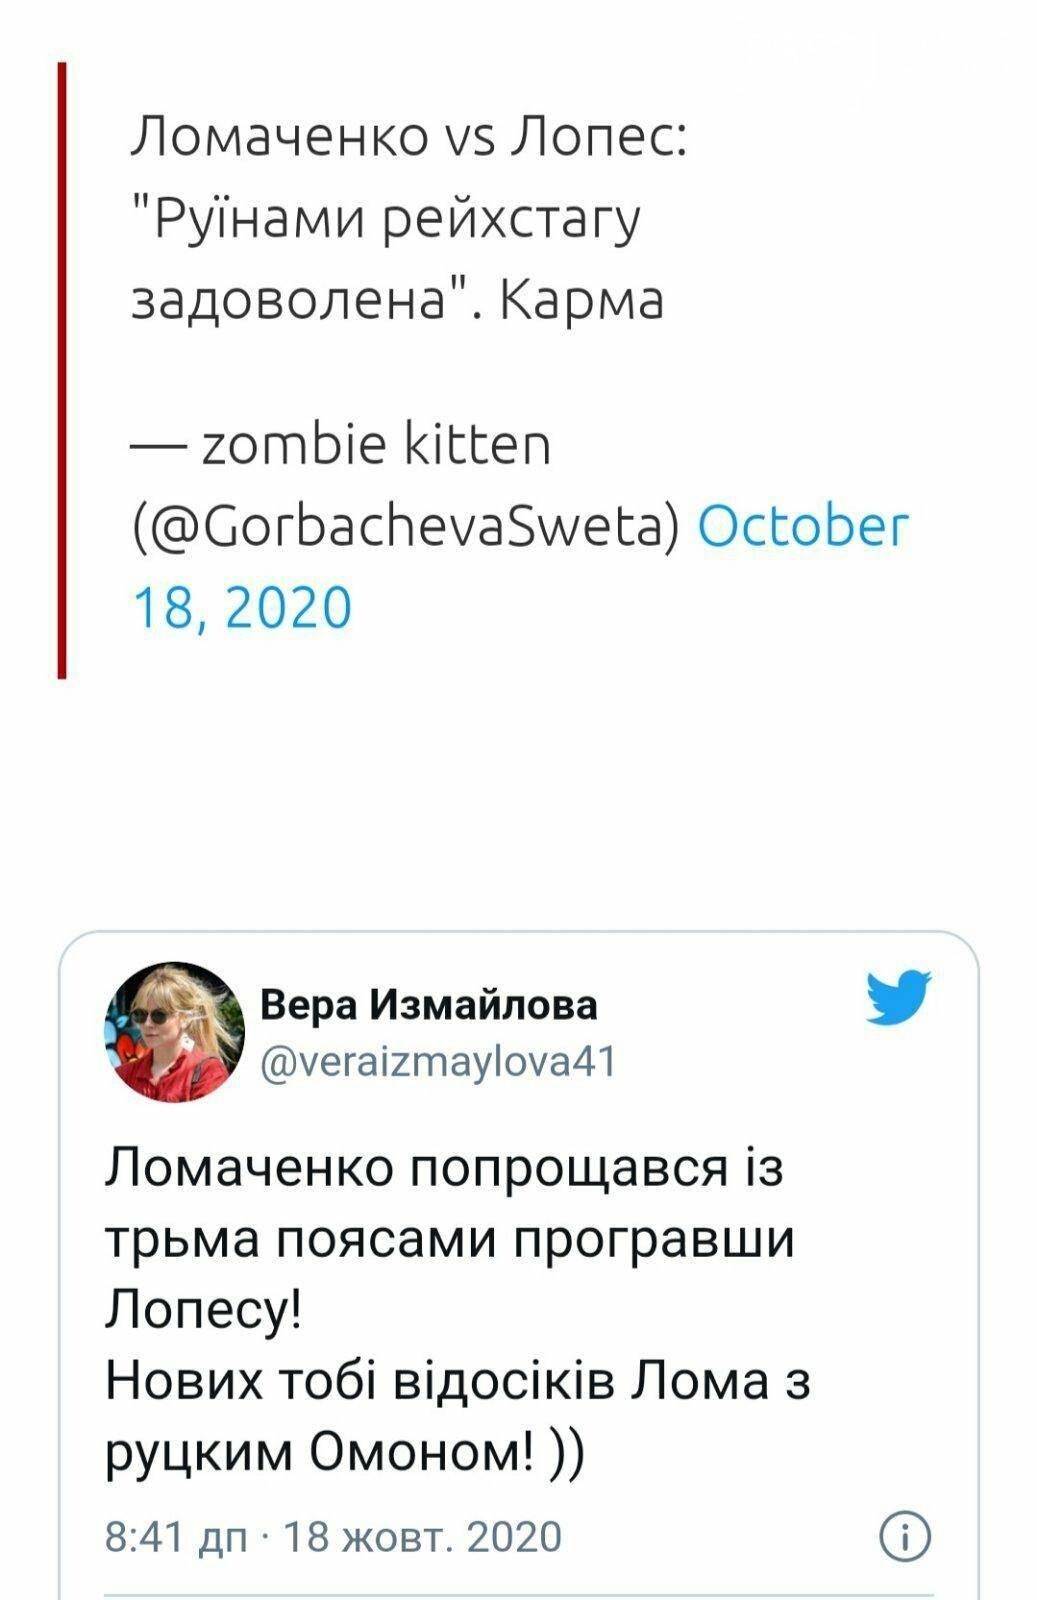 """""""Більше хрестився, ніж бив"""": після поразки Лопесу Ломаченко потрапив під критику вболівальників, фото-4"""